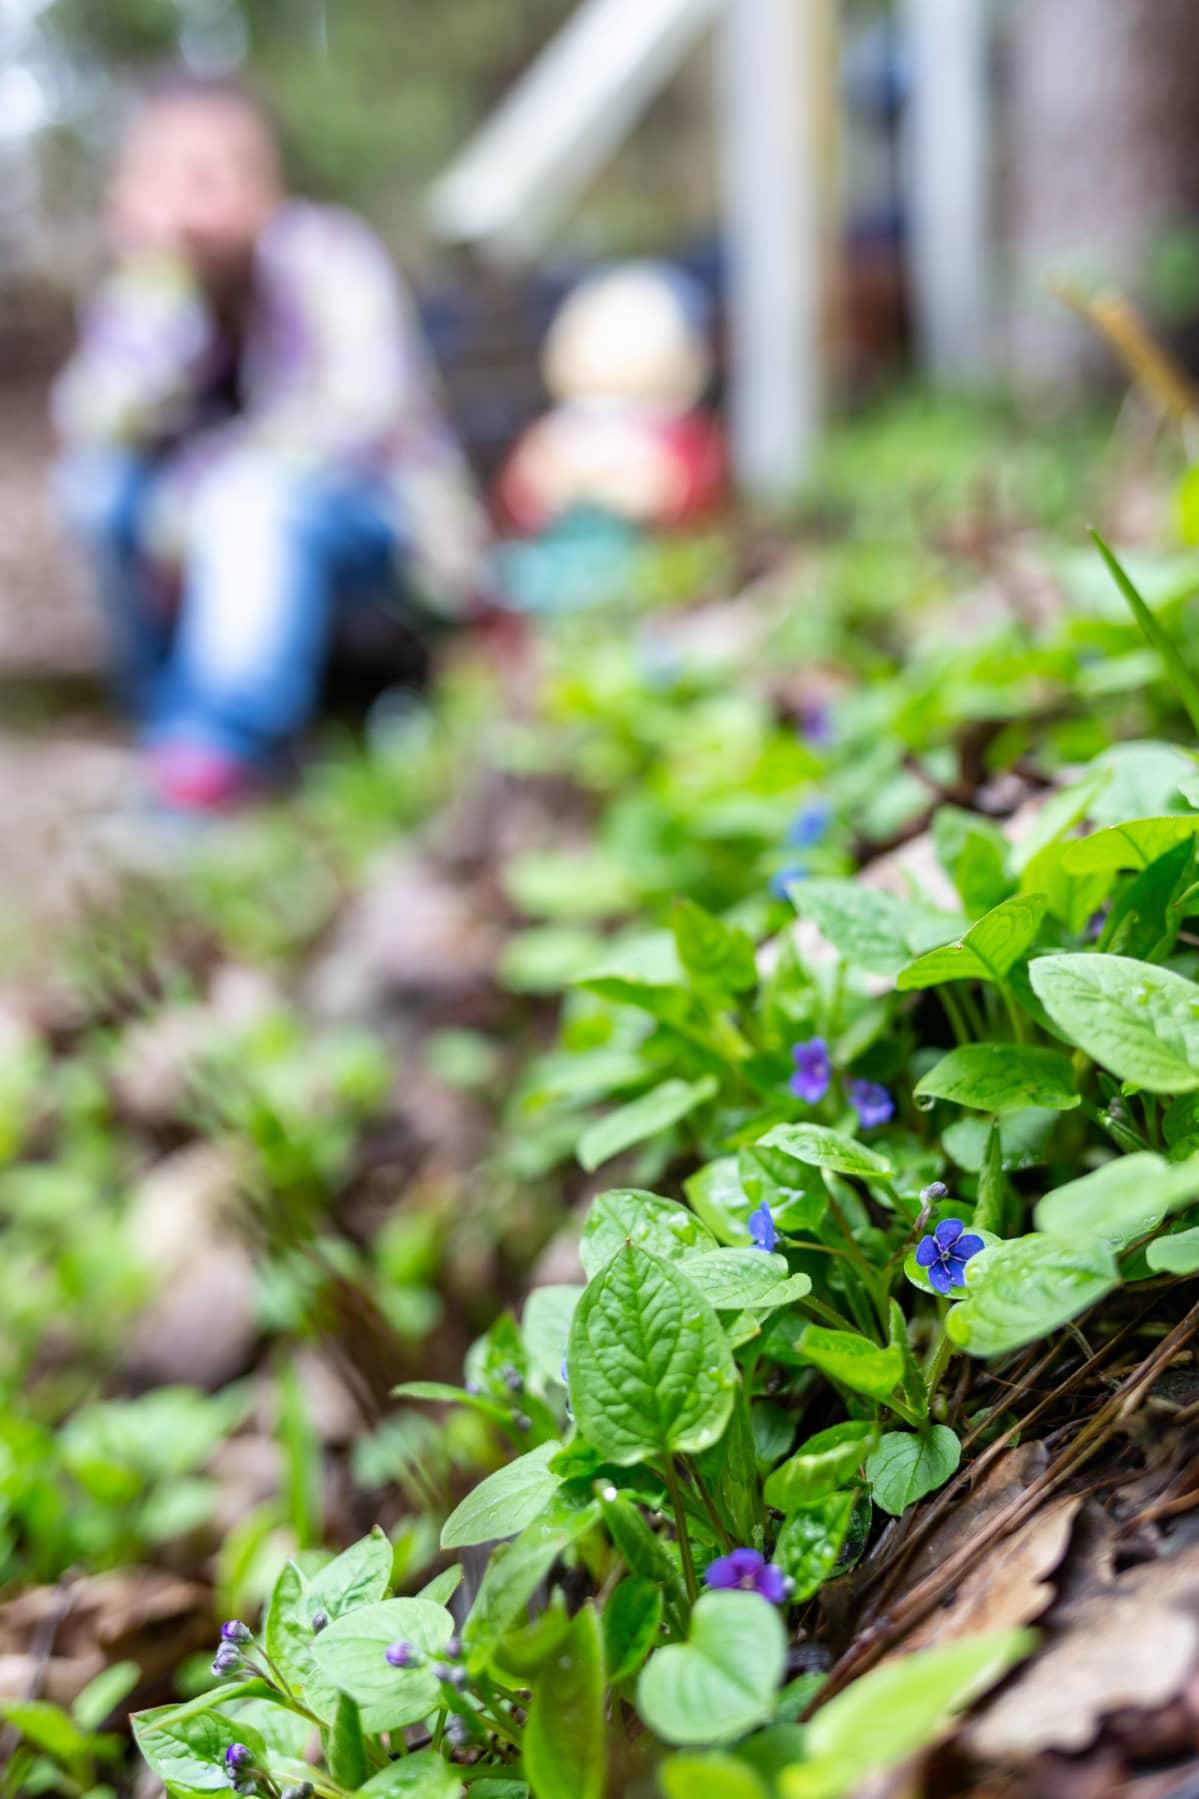 Etualalla sinikukkaisia kasveja, taustalla epäskarppina aikuinen ja lapsi.